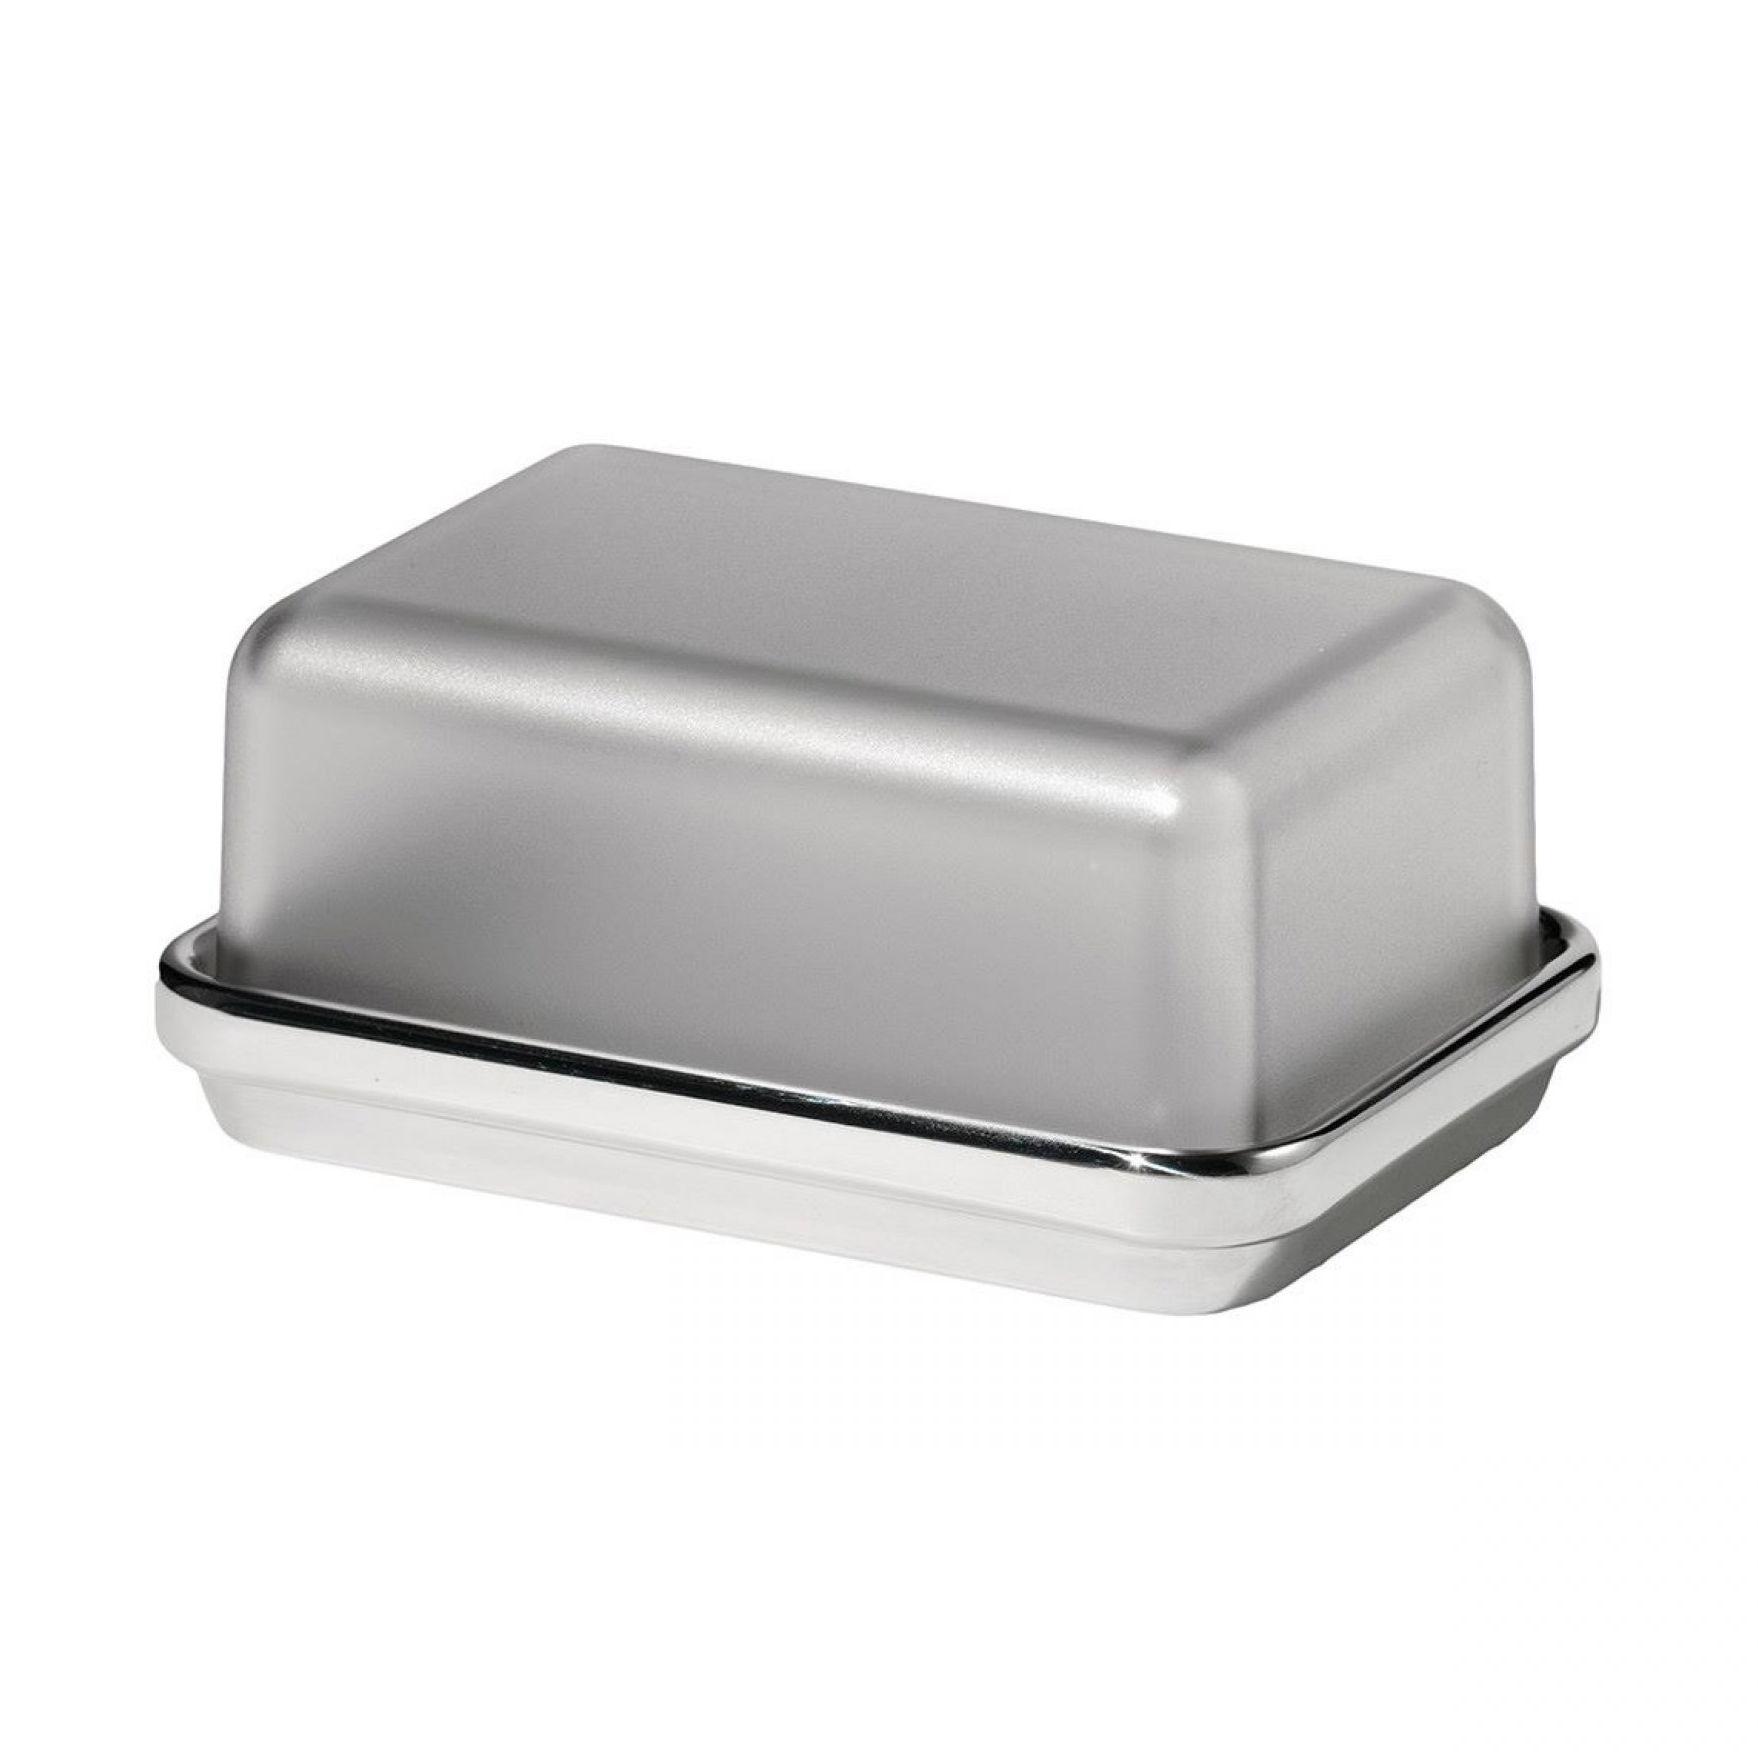 Arts de la table - Accessoires - Beurrier ES03G / Acier & plastique - Alessi - Acier poli / Gris - Acier poli, Matière plastique